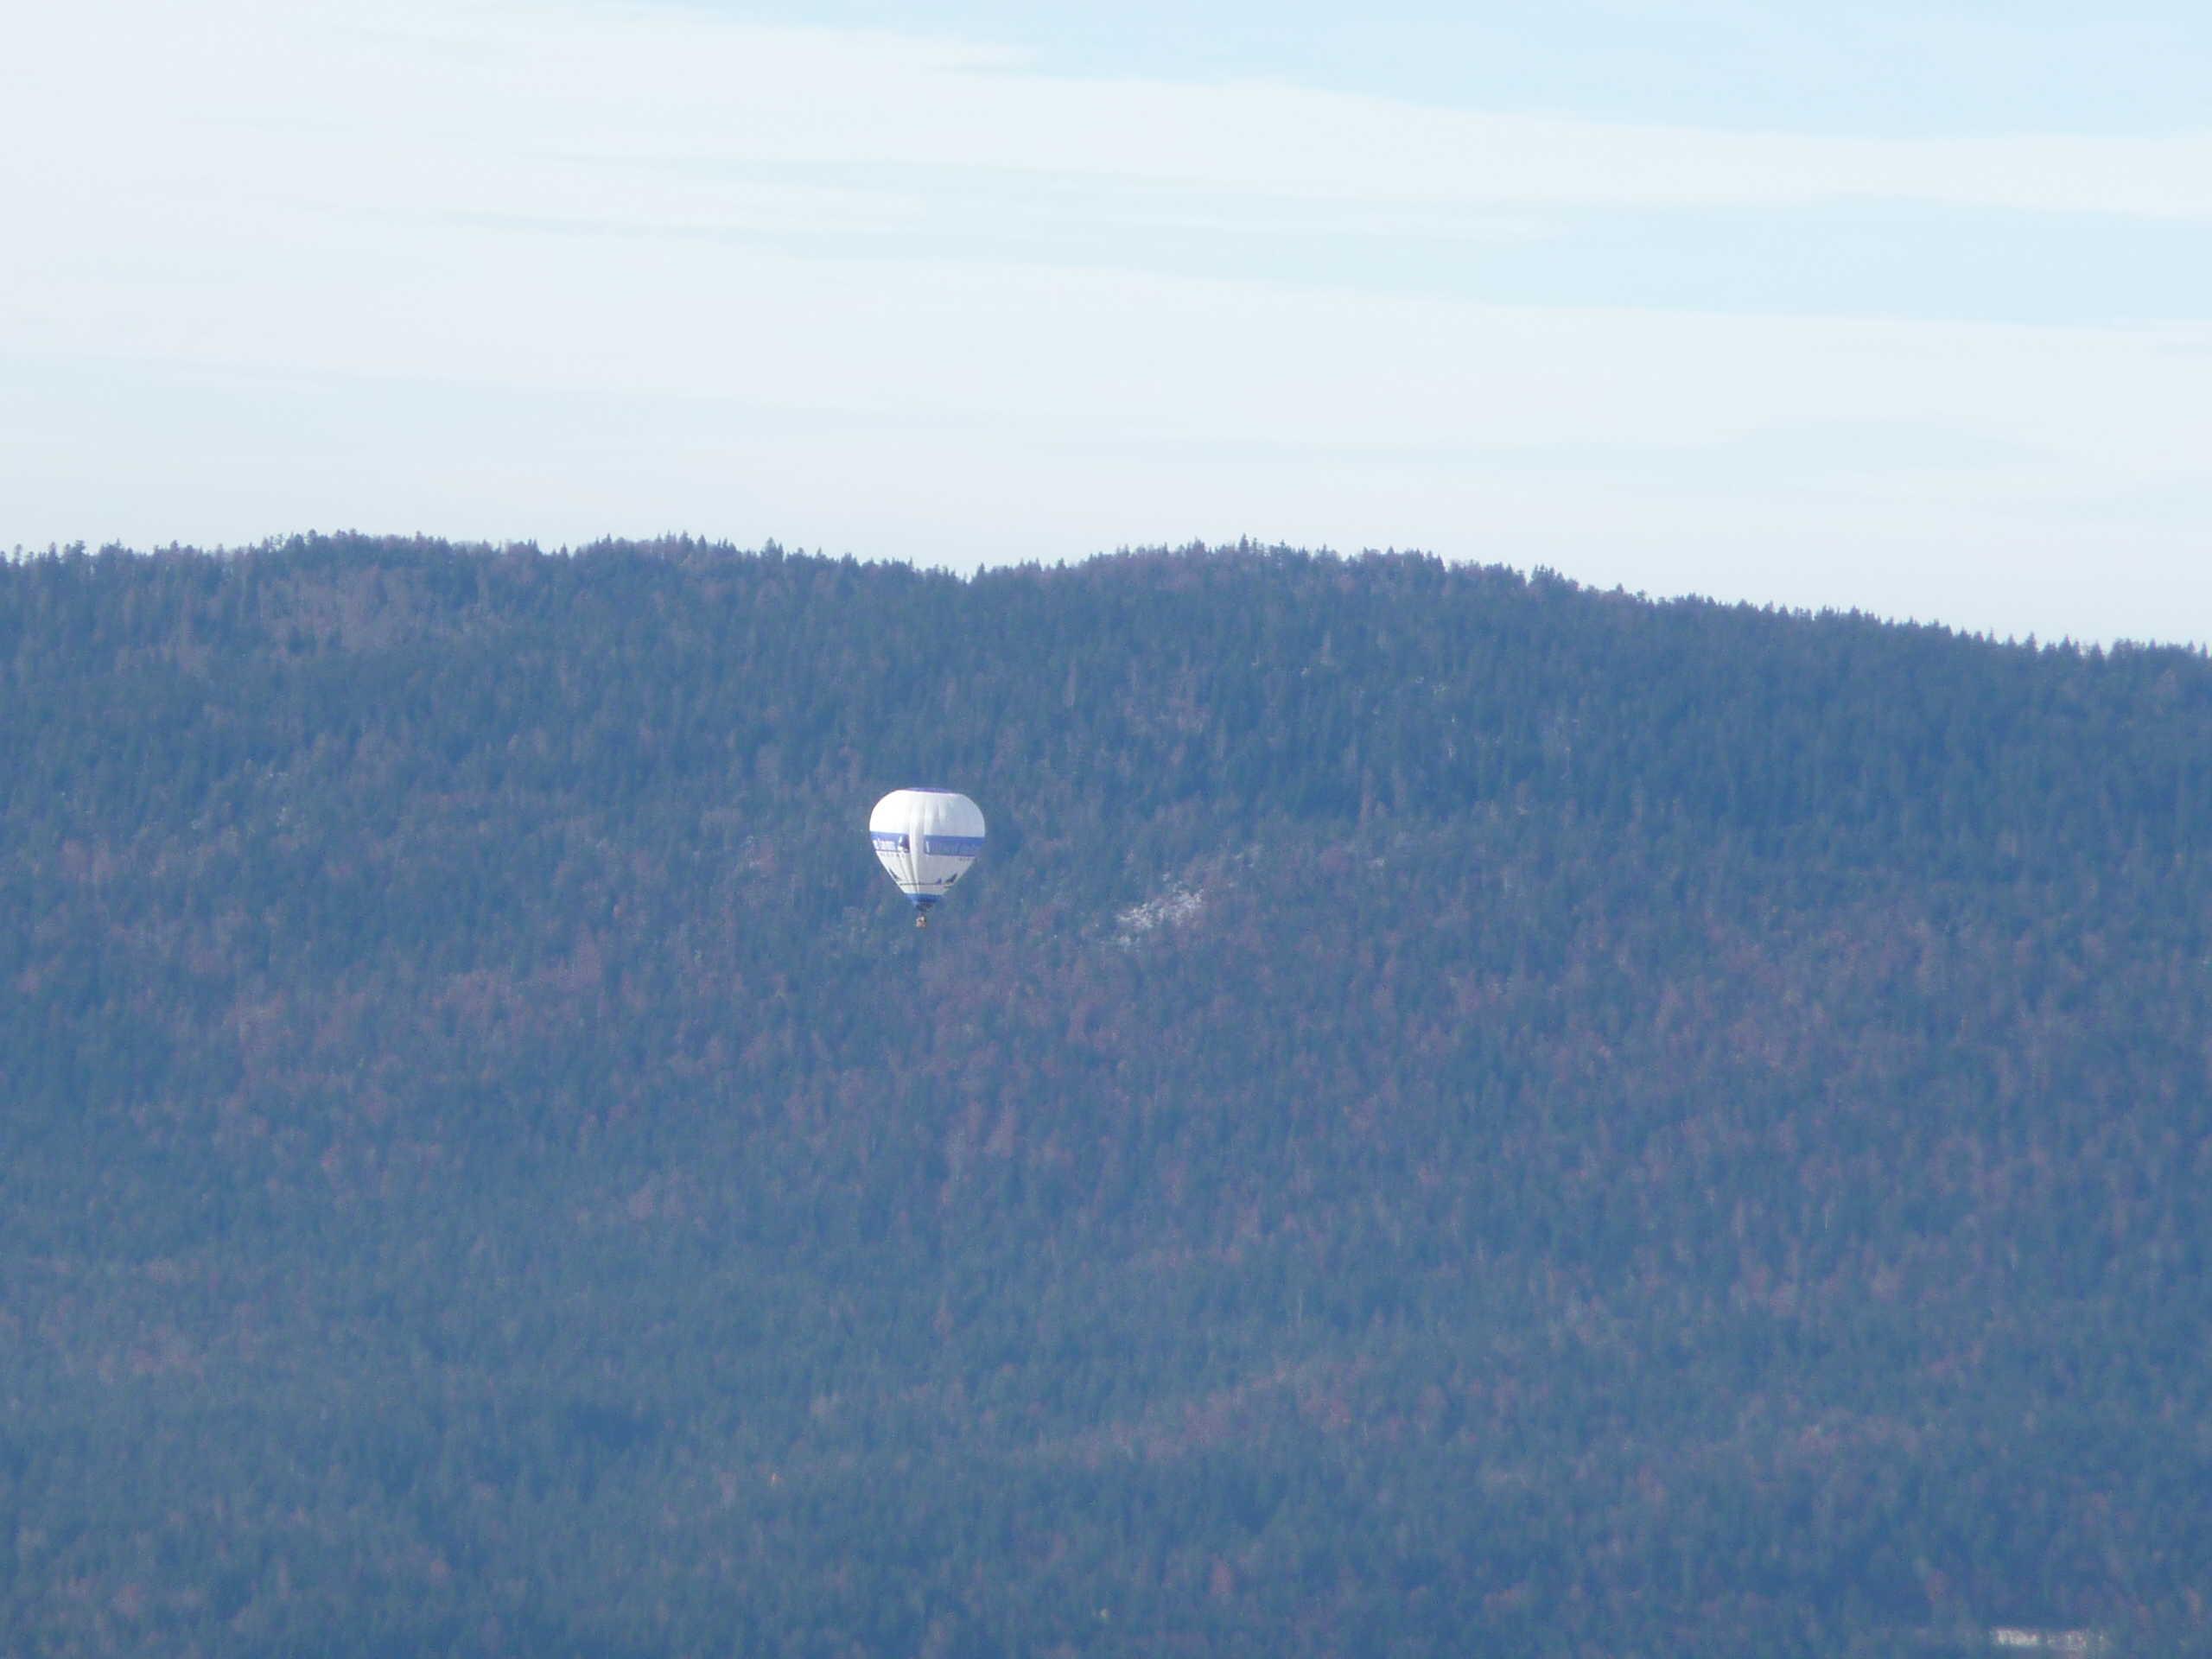 mongolfière dans l'air calme de la vallée